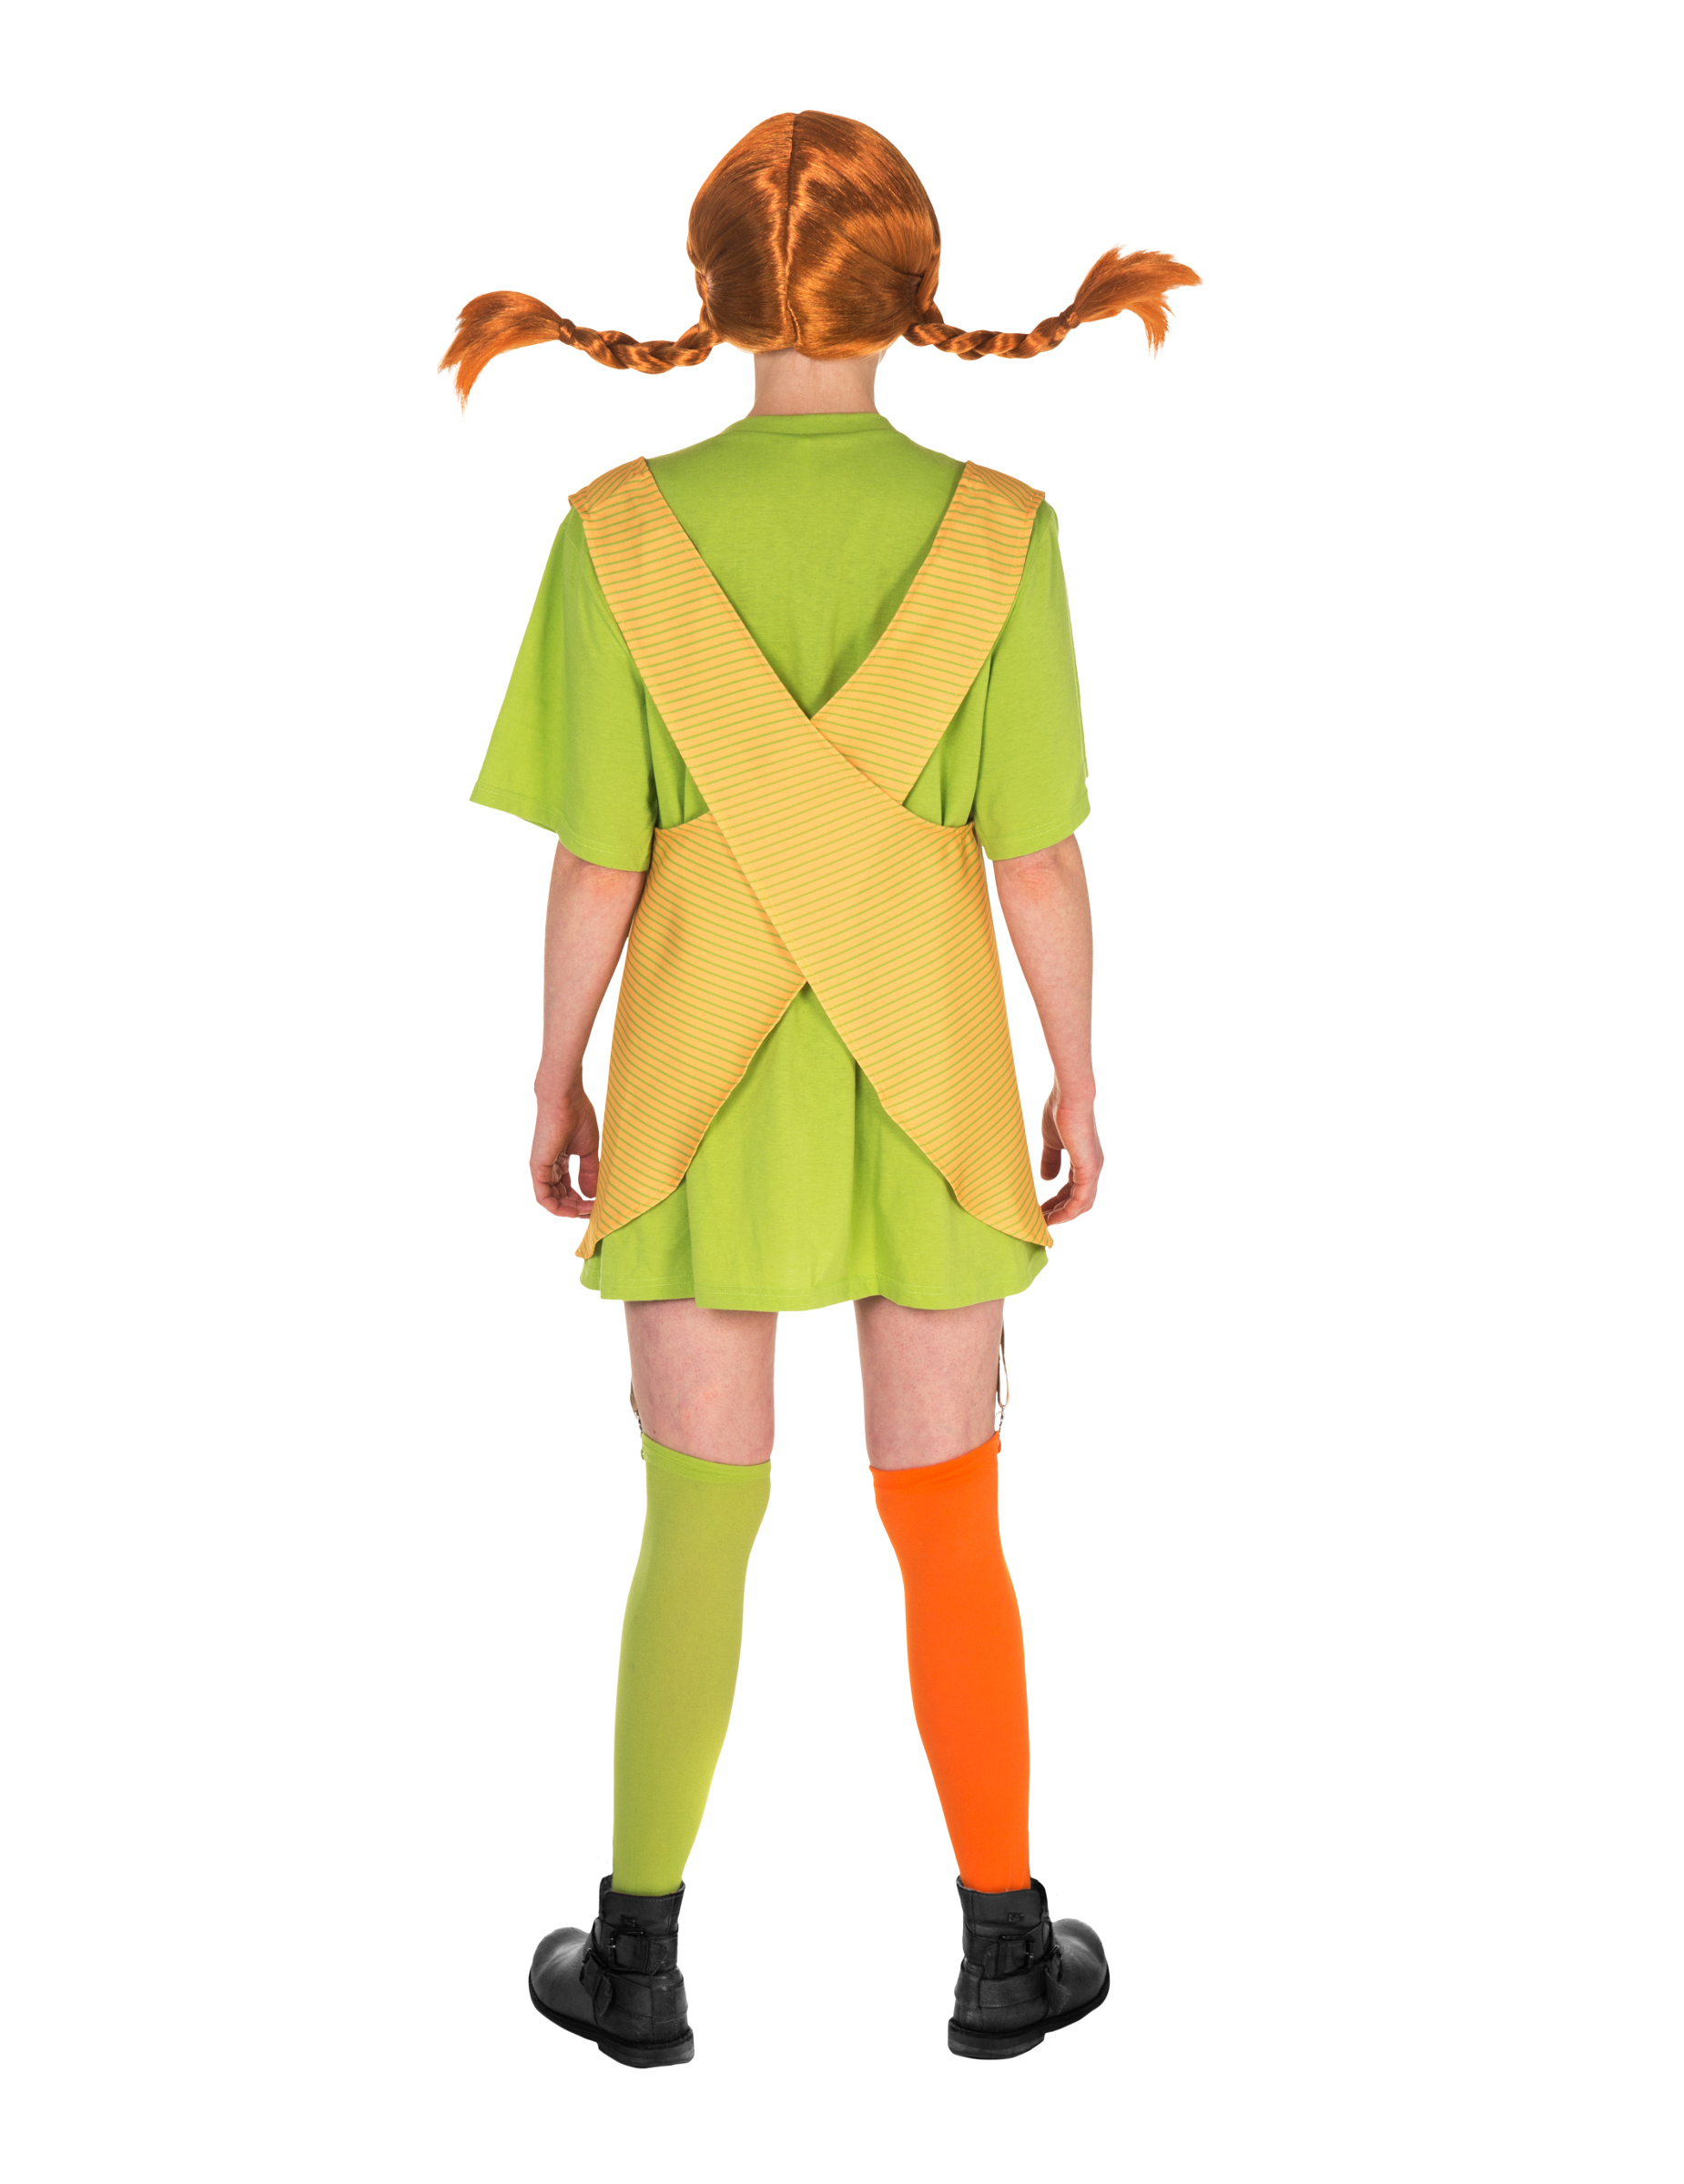 Pippi langstrømpe™ kostume, køb Kostumer til voksne på Vegaoo.dk